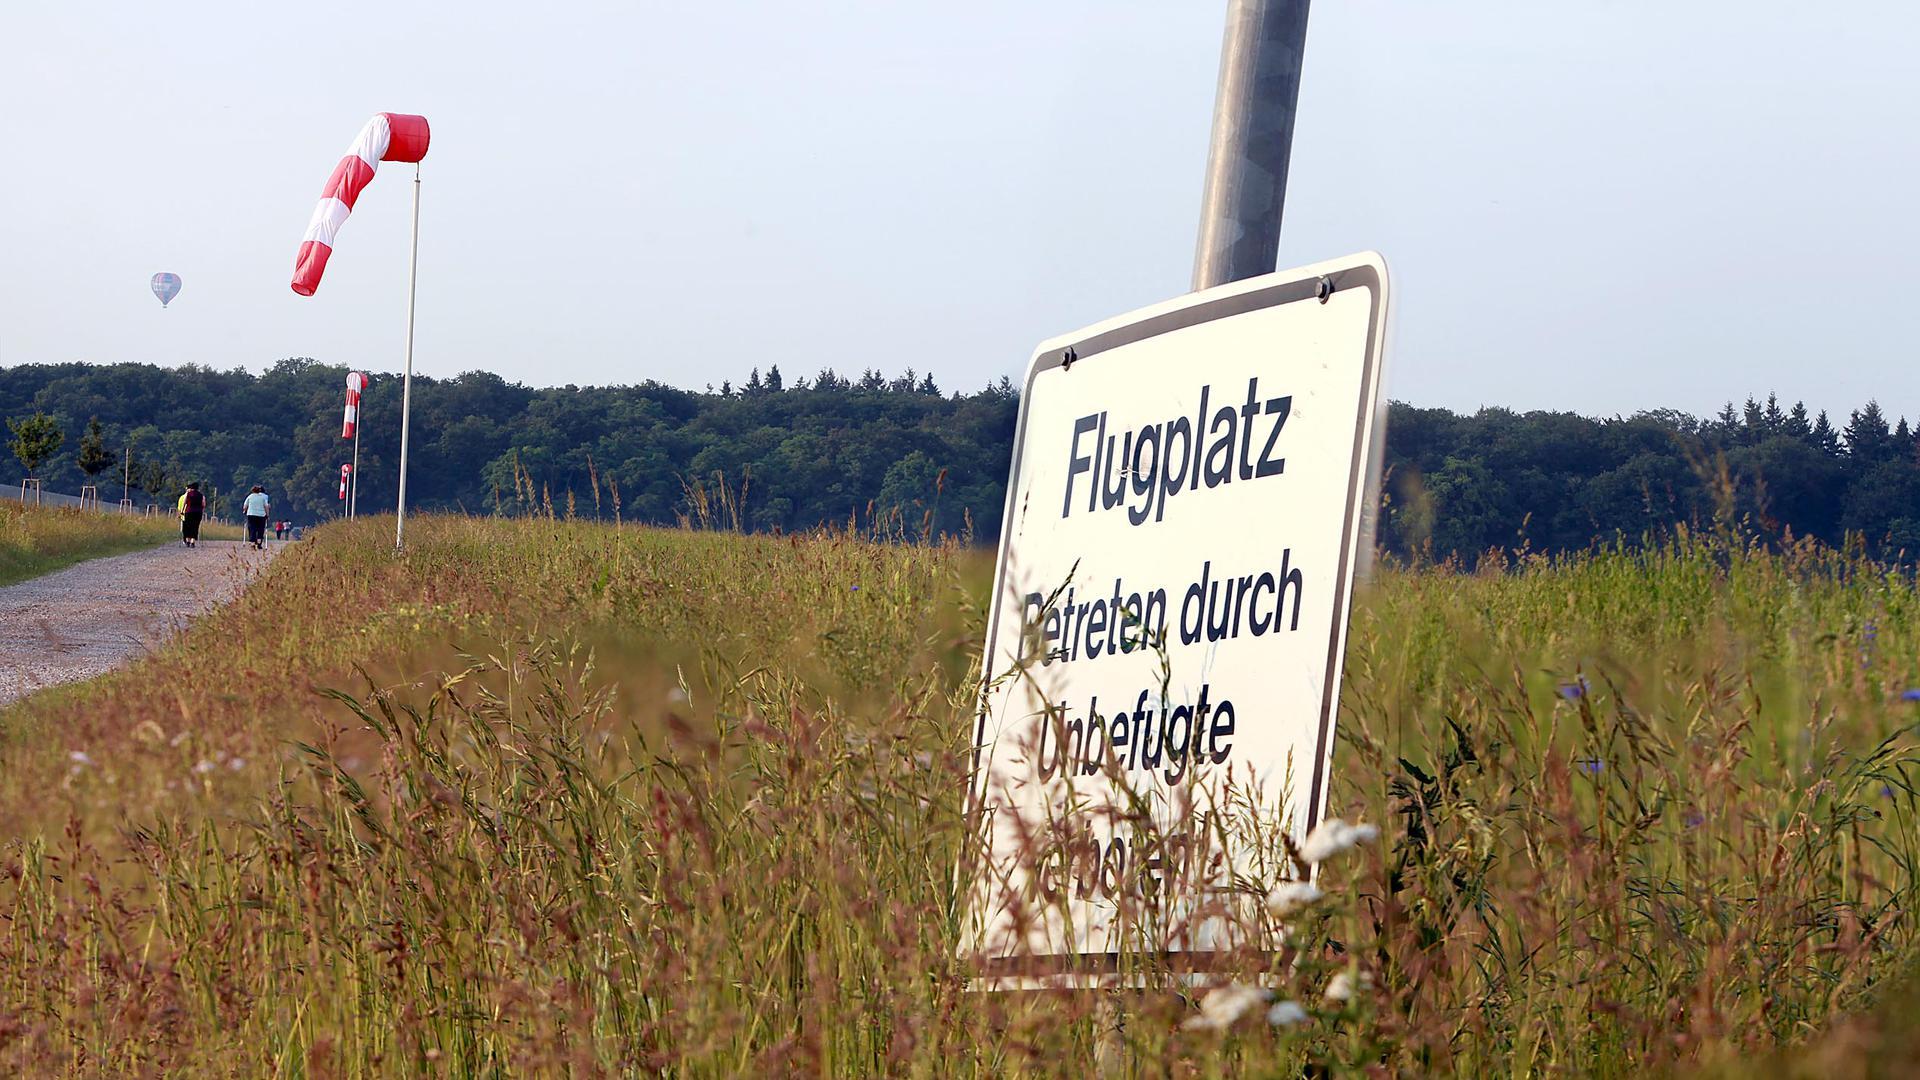 Flugplatz Rheinstetten